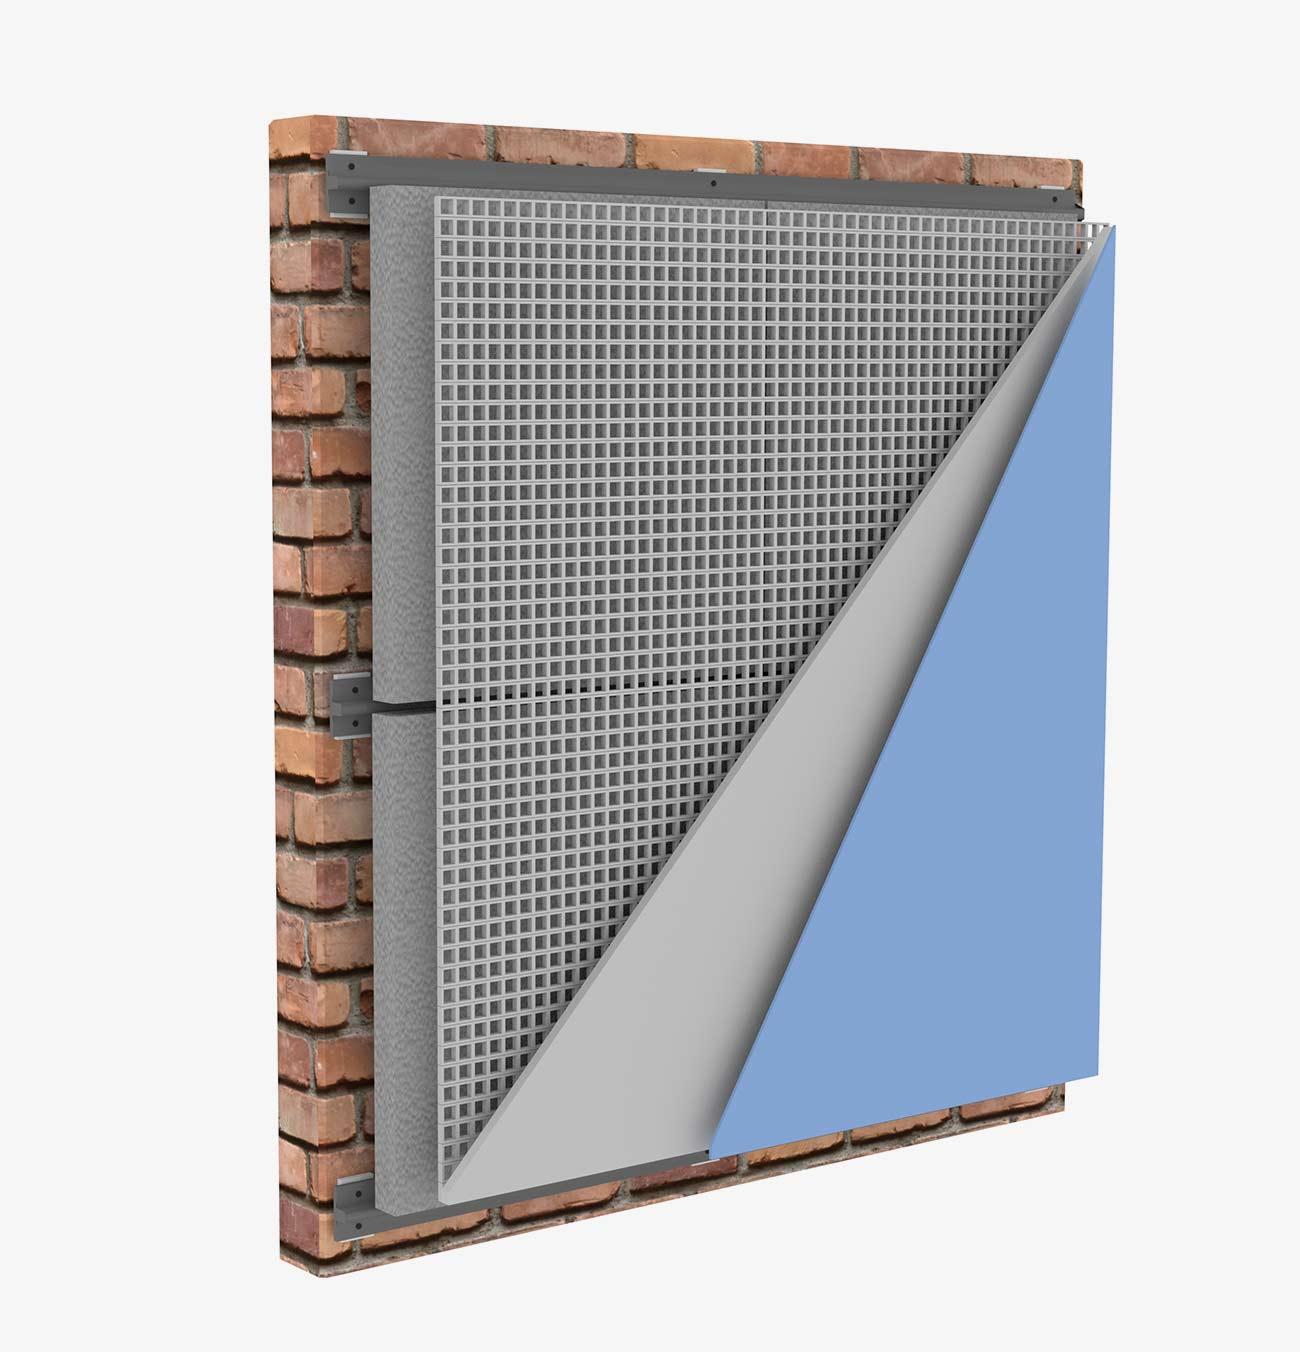 EPS-external-wall-insulation-mechanical-fix